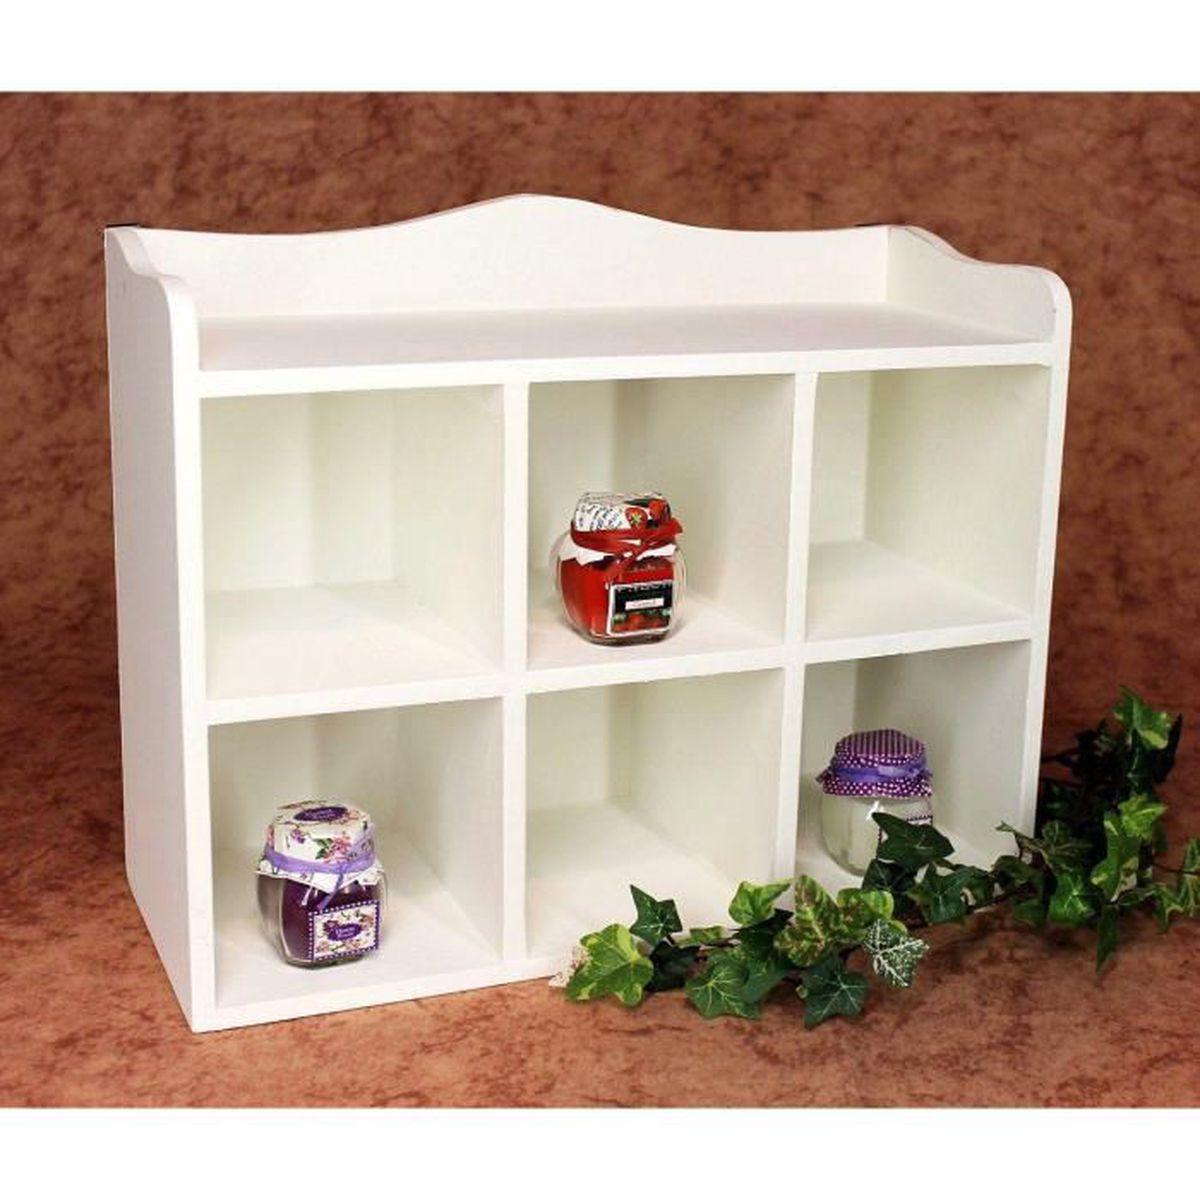 dandibo casier d 39 imprimerie etag re murale 12020 etag re cm vintage shabby chalet etag re de. Black Bedroom Furniture Sets. Home Design Ideas